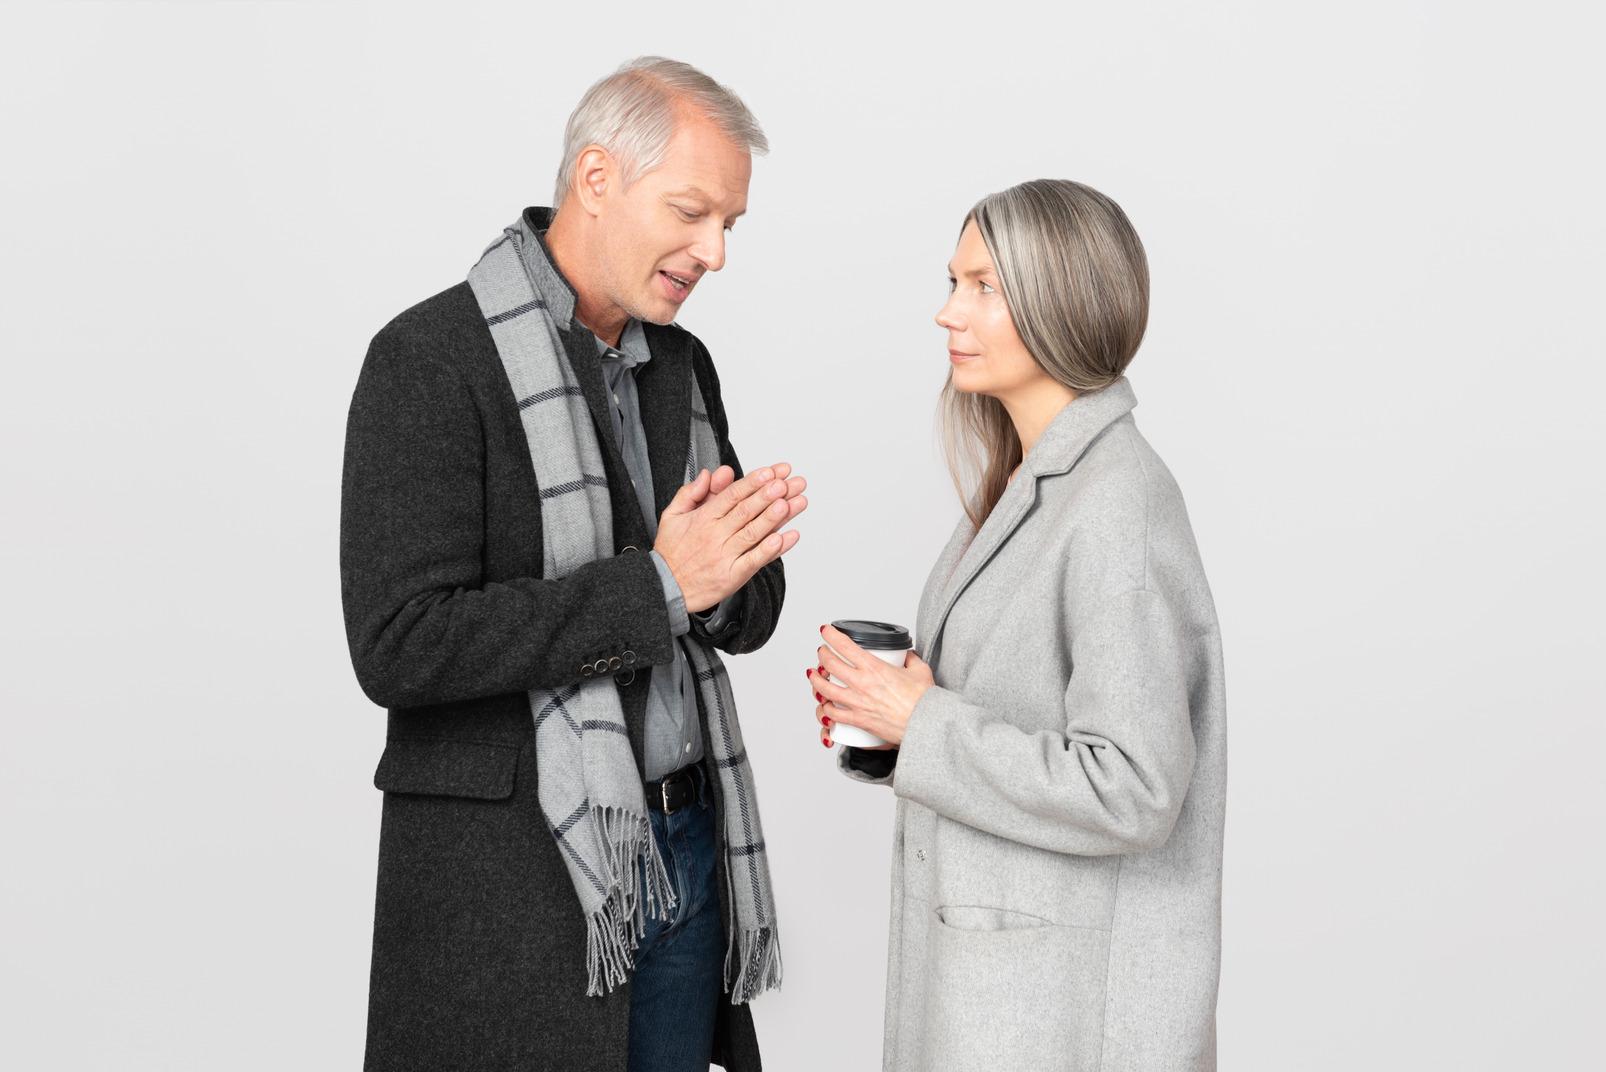 Homme demandant à sa femme de lui pardonner